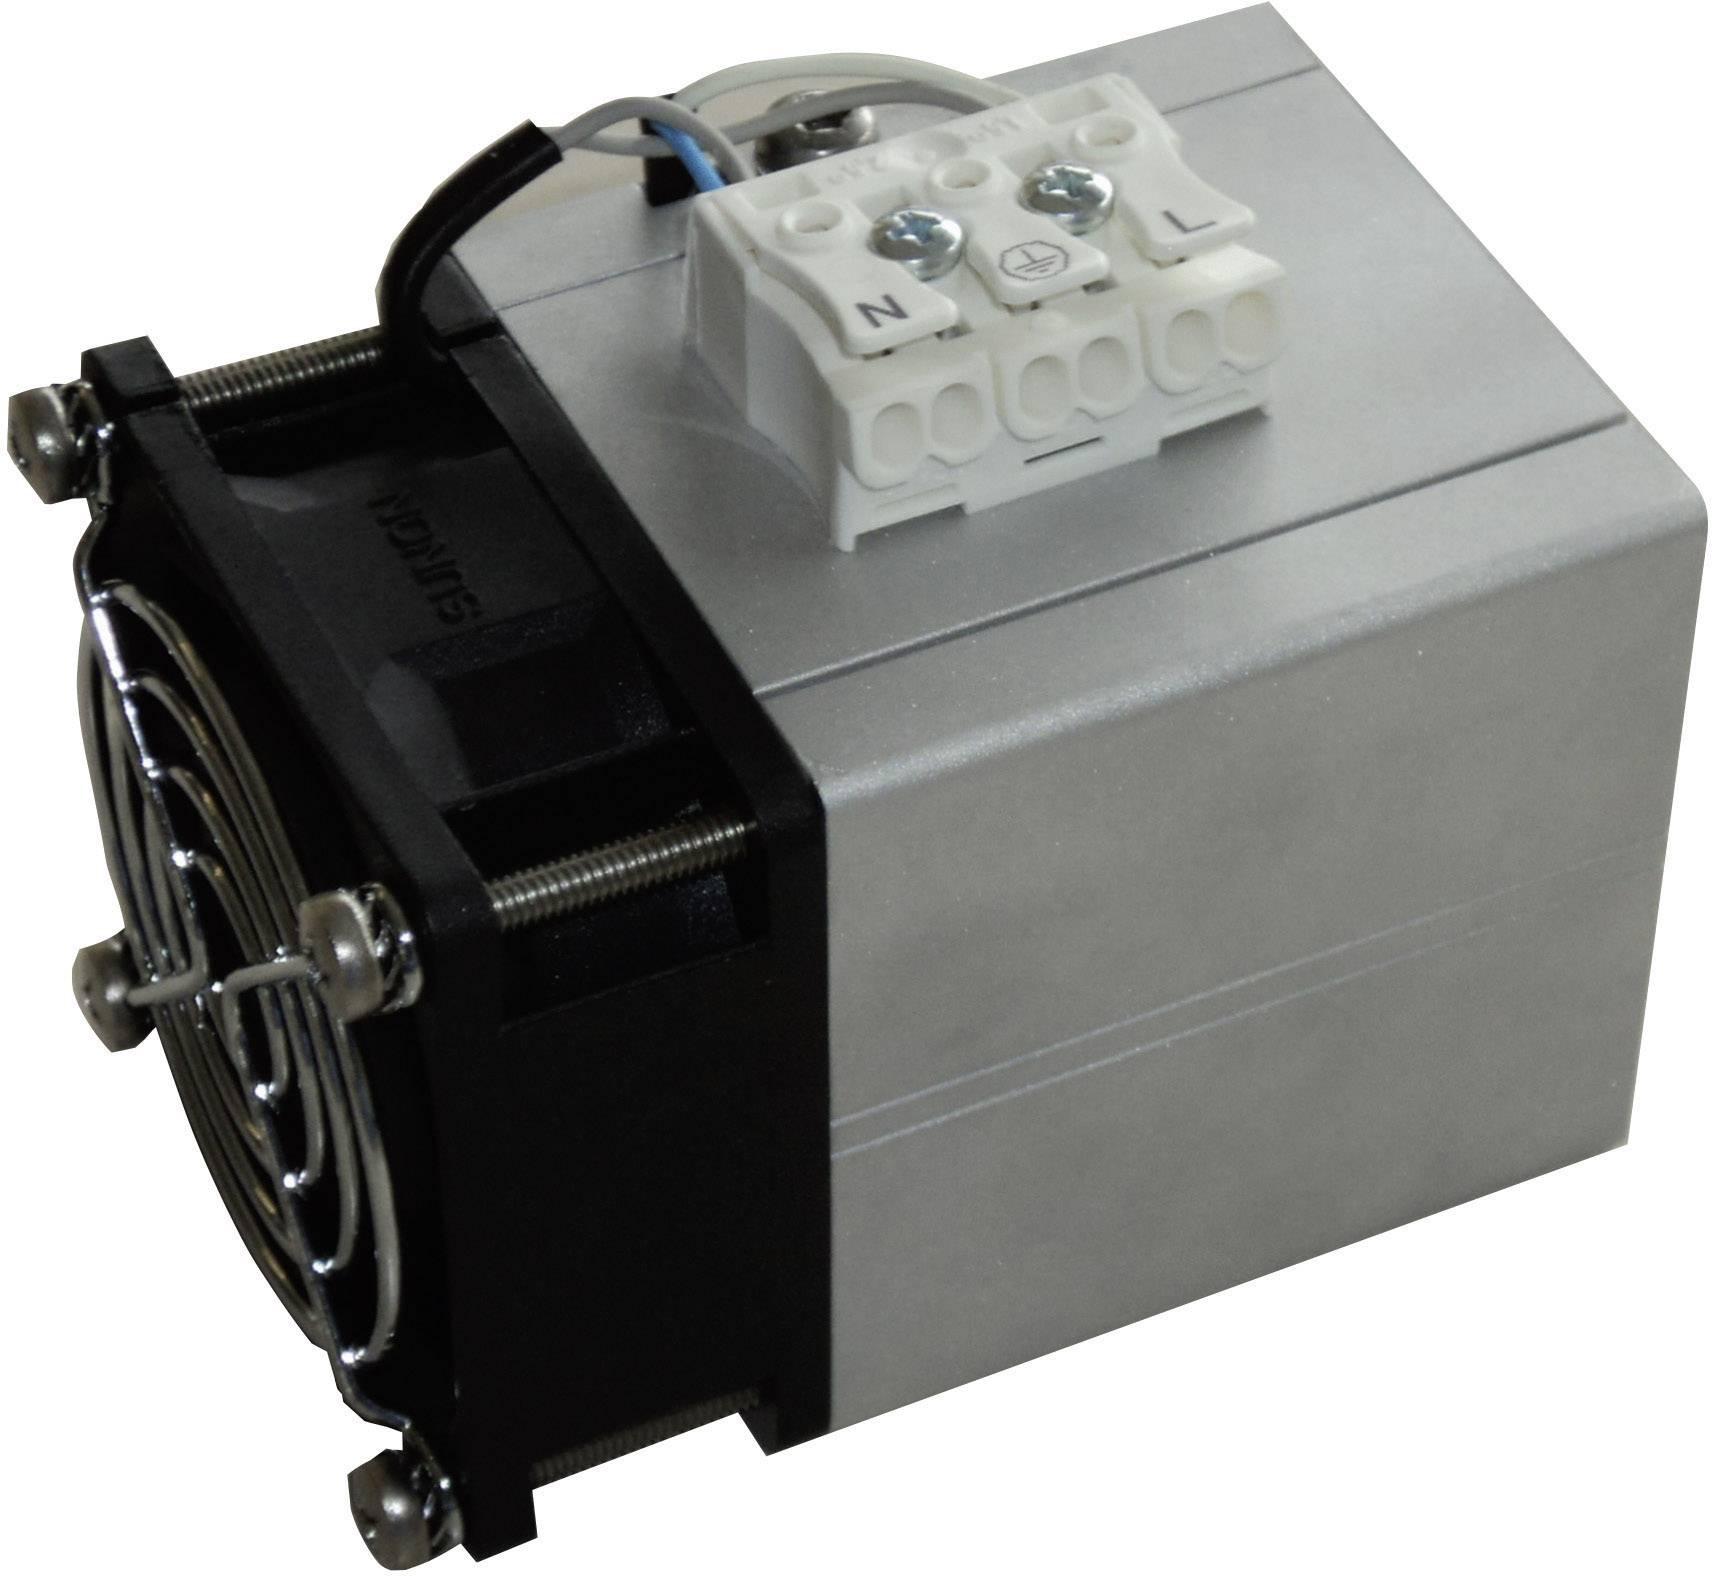 Vytápění s ventilátorem Rose LM Mixi (04315022A22), do rozvodných skříní, 150 W